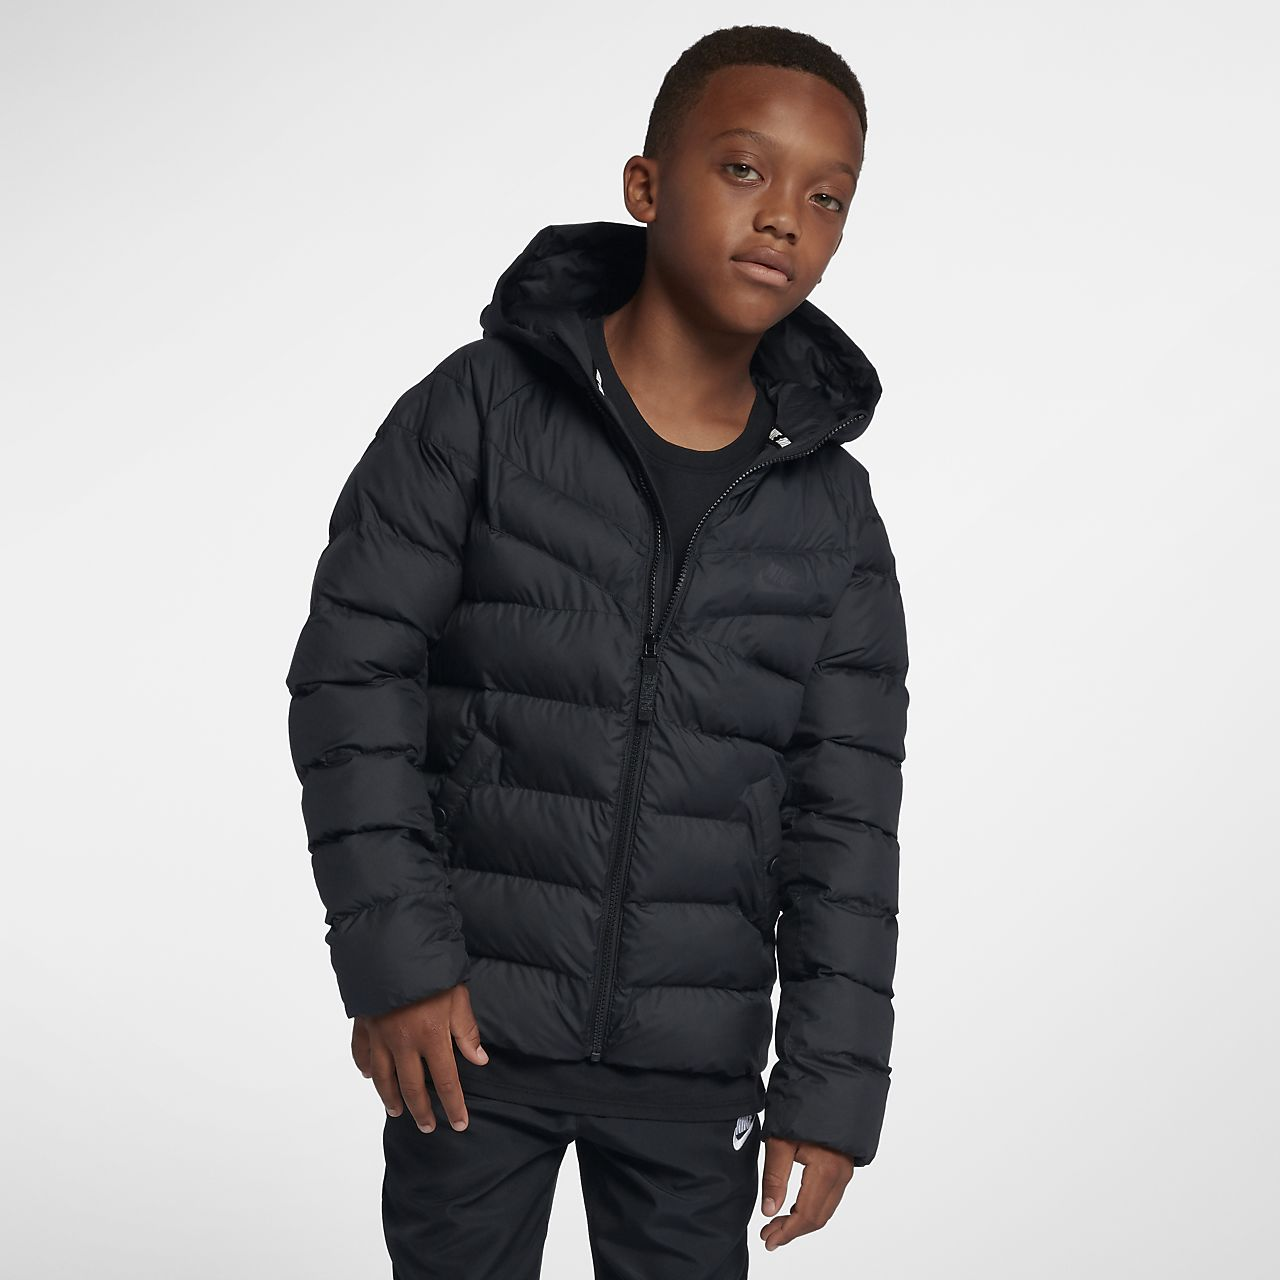 20937e59c Nike Sportswear Older Kids' Synthetic-Fill Jacket. Nike.com LU